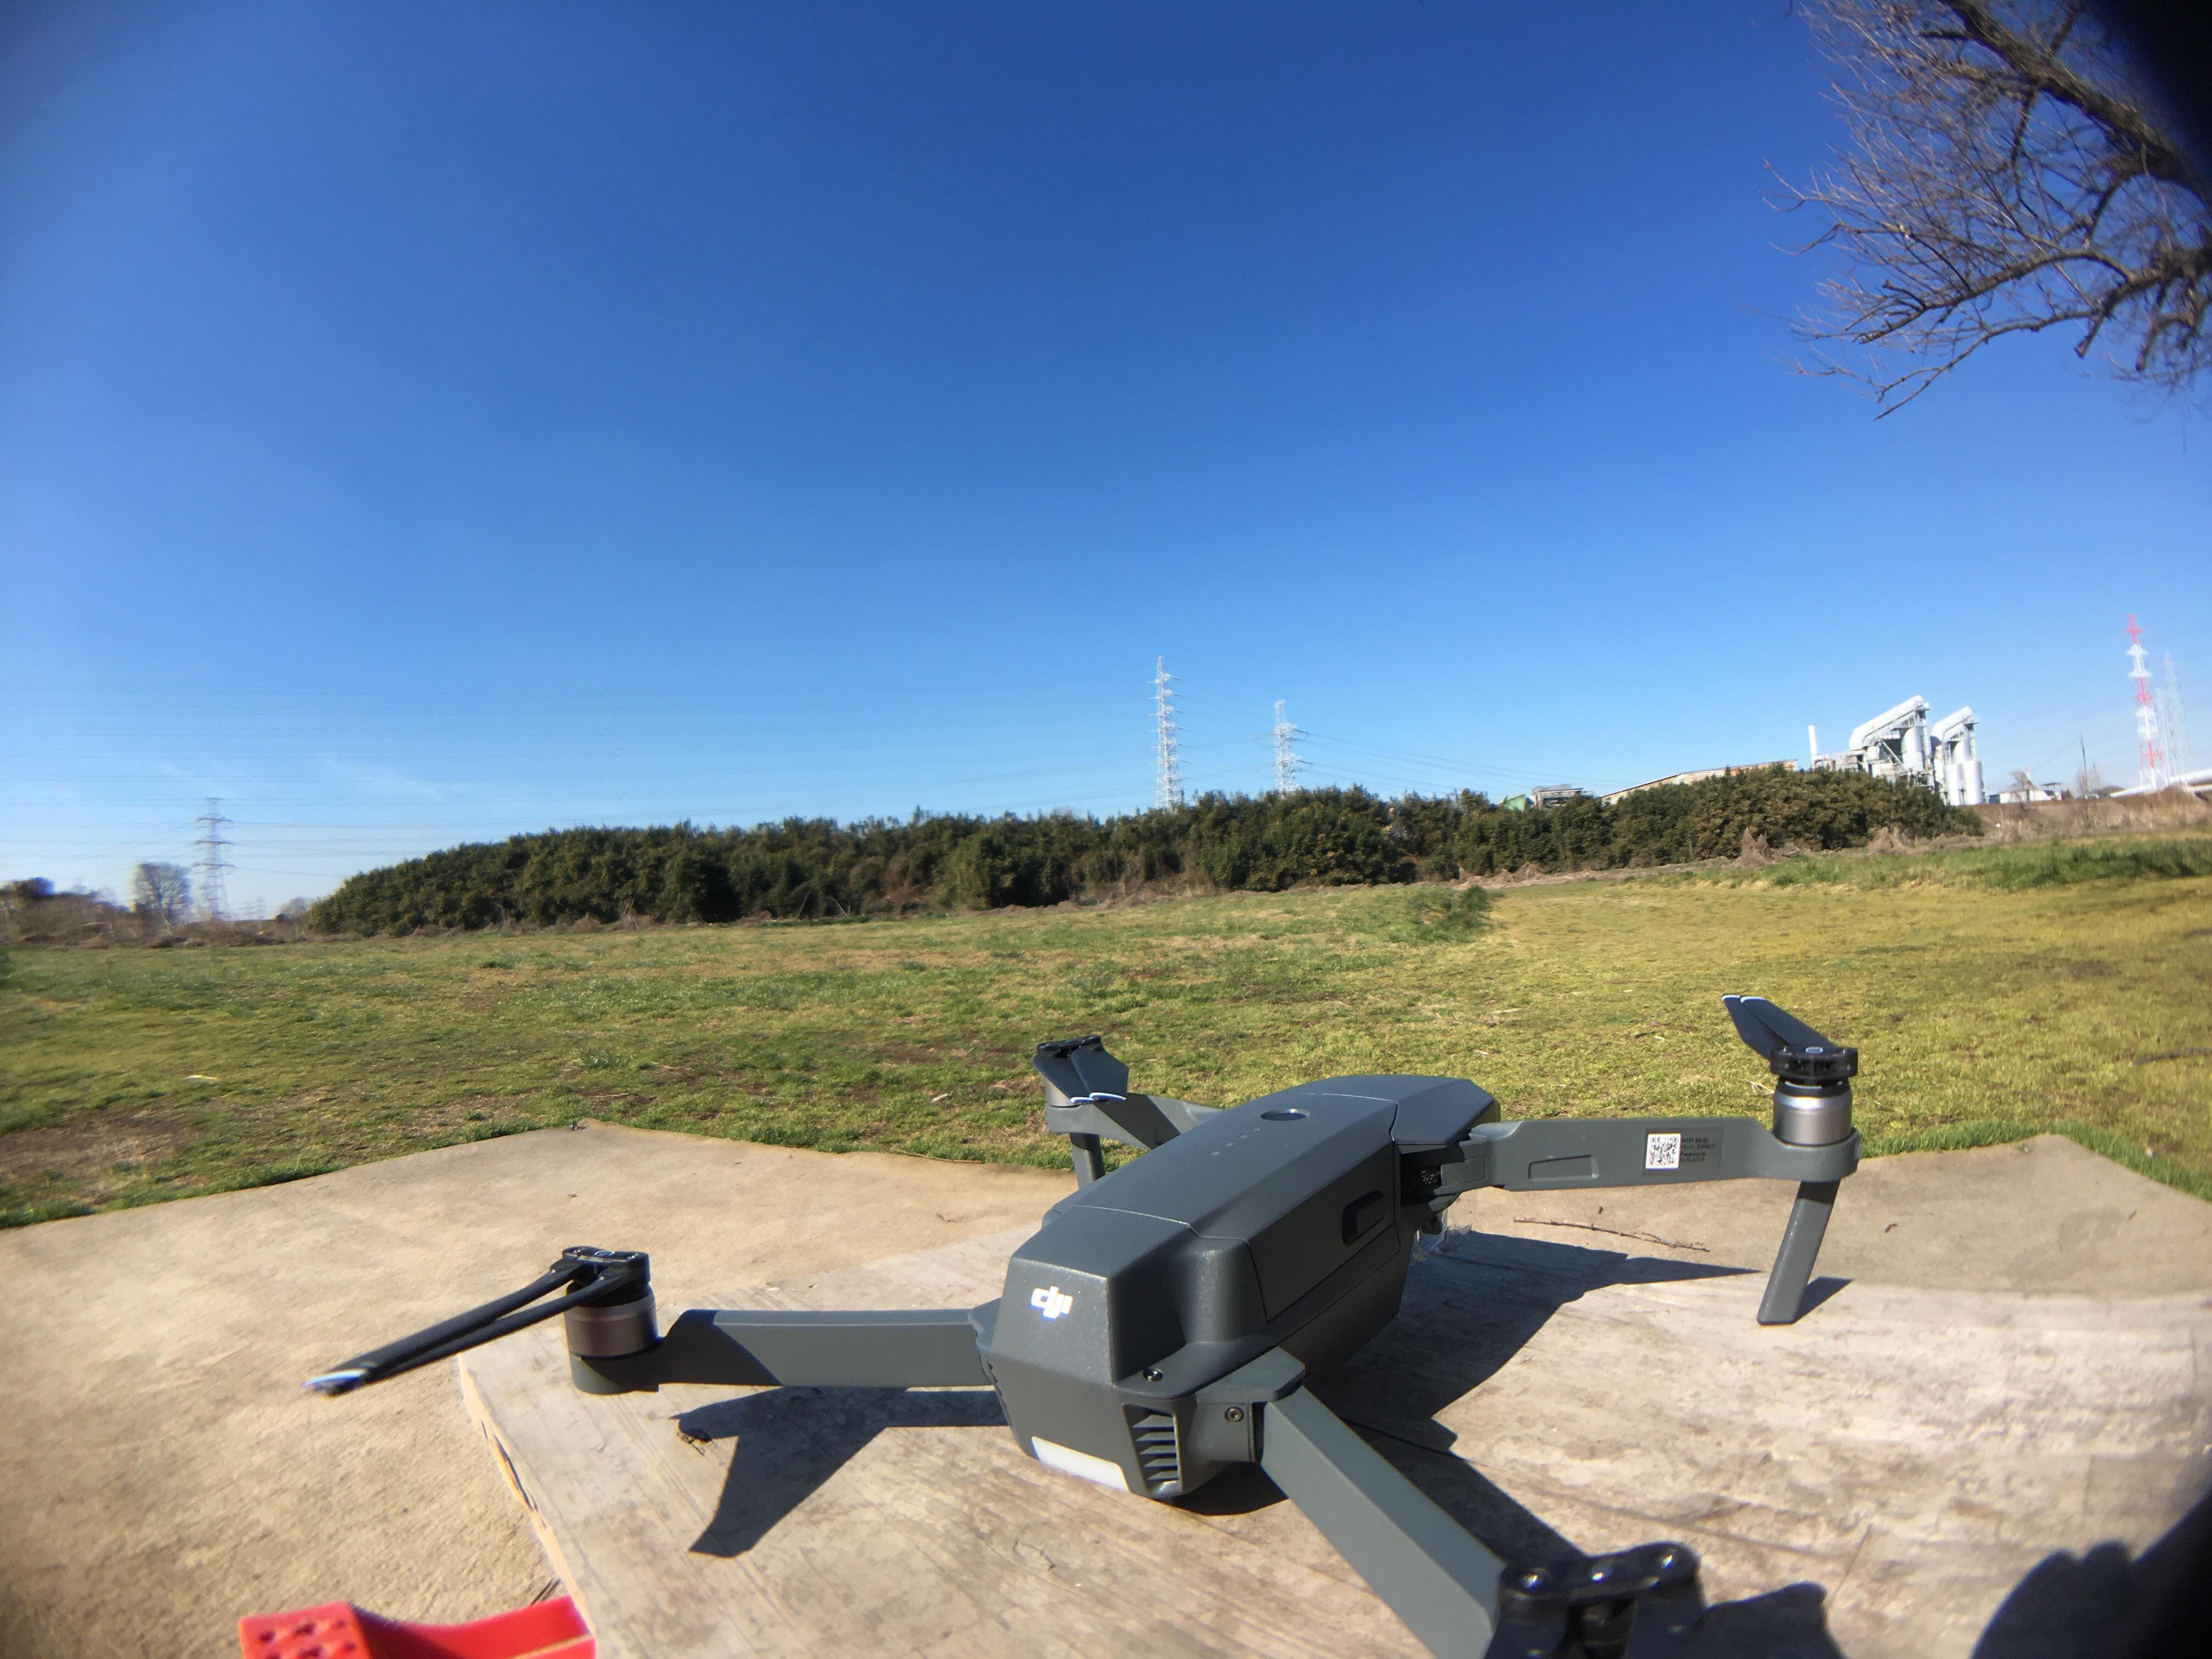 空中散歩ドローンミーティングinエアロジーラボの秘密基地に潜入せよ!